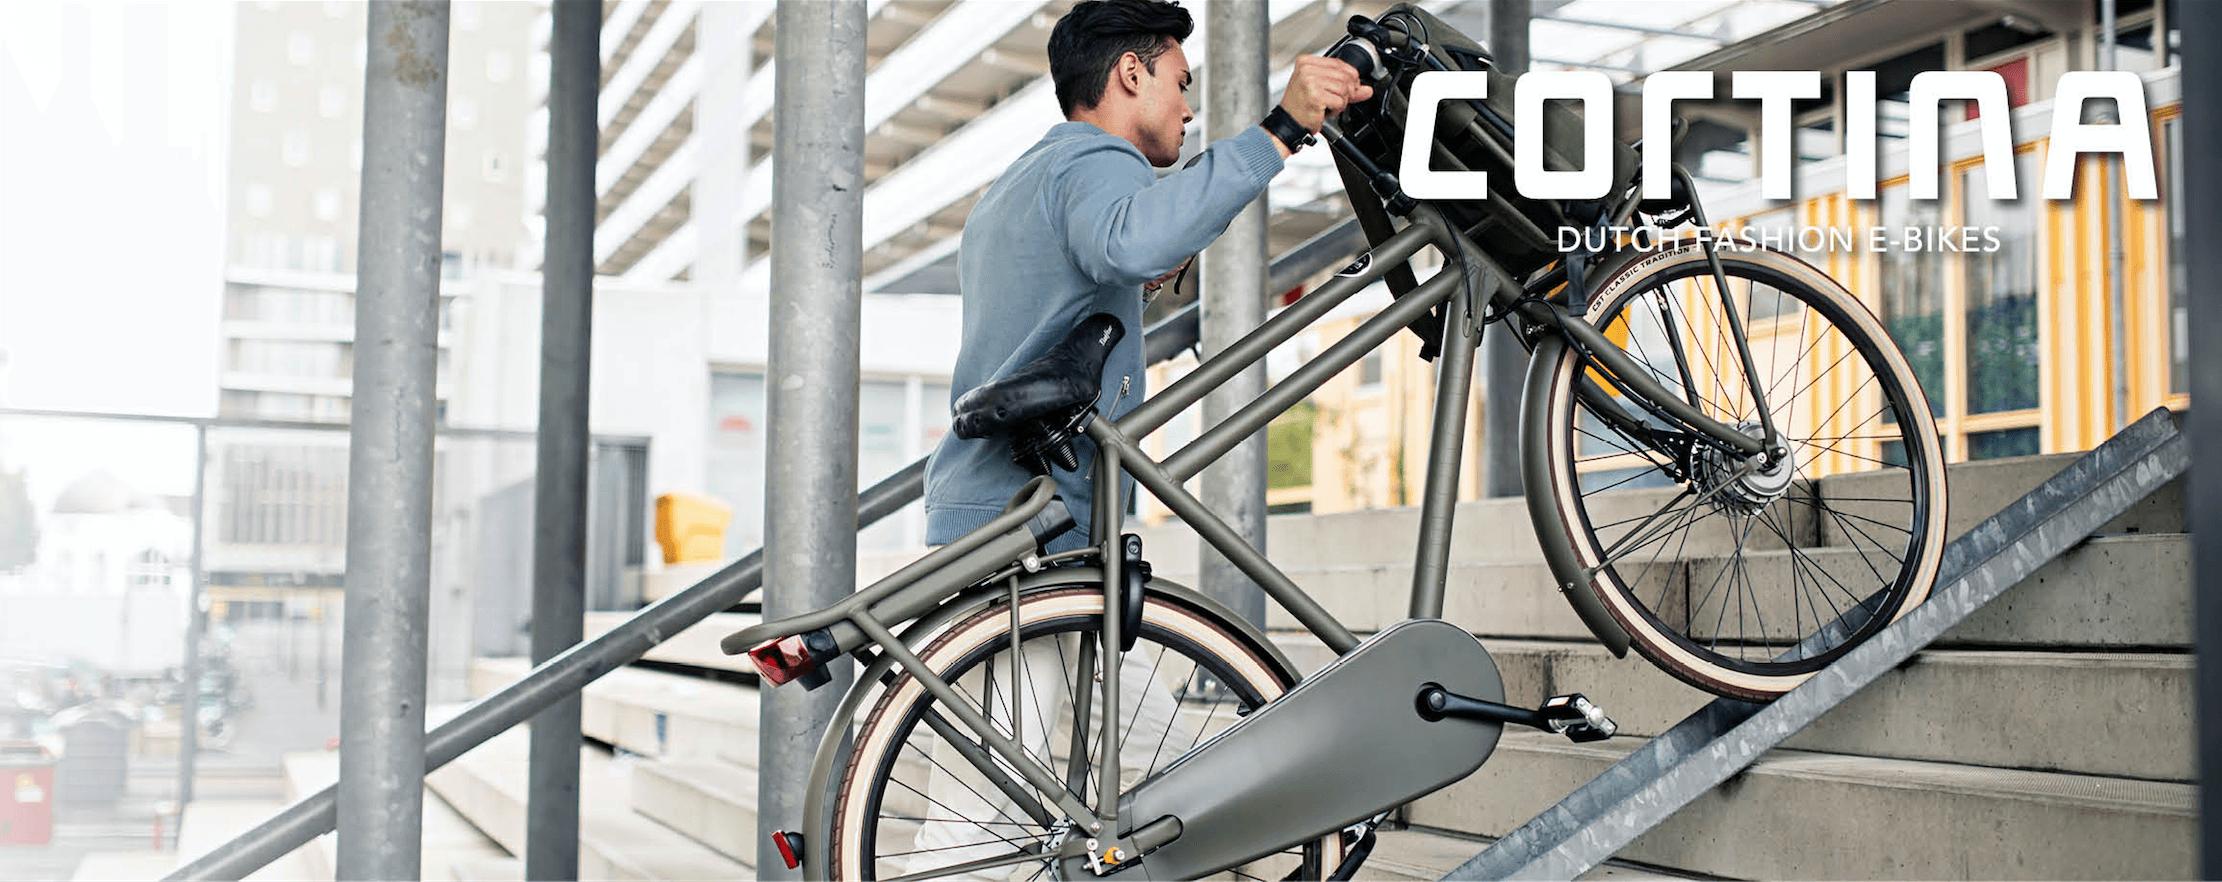 comment choisir 2019 original france pas cher vente Vélo hollandais pas cher, vélo électrique, vélo femme, vélo ...